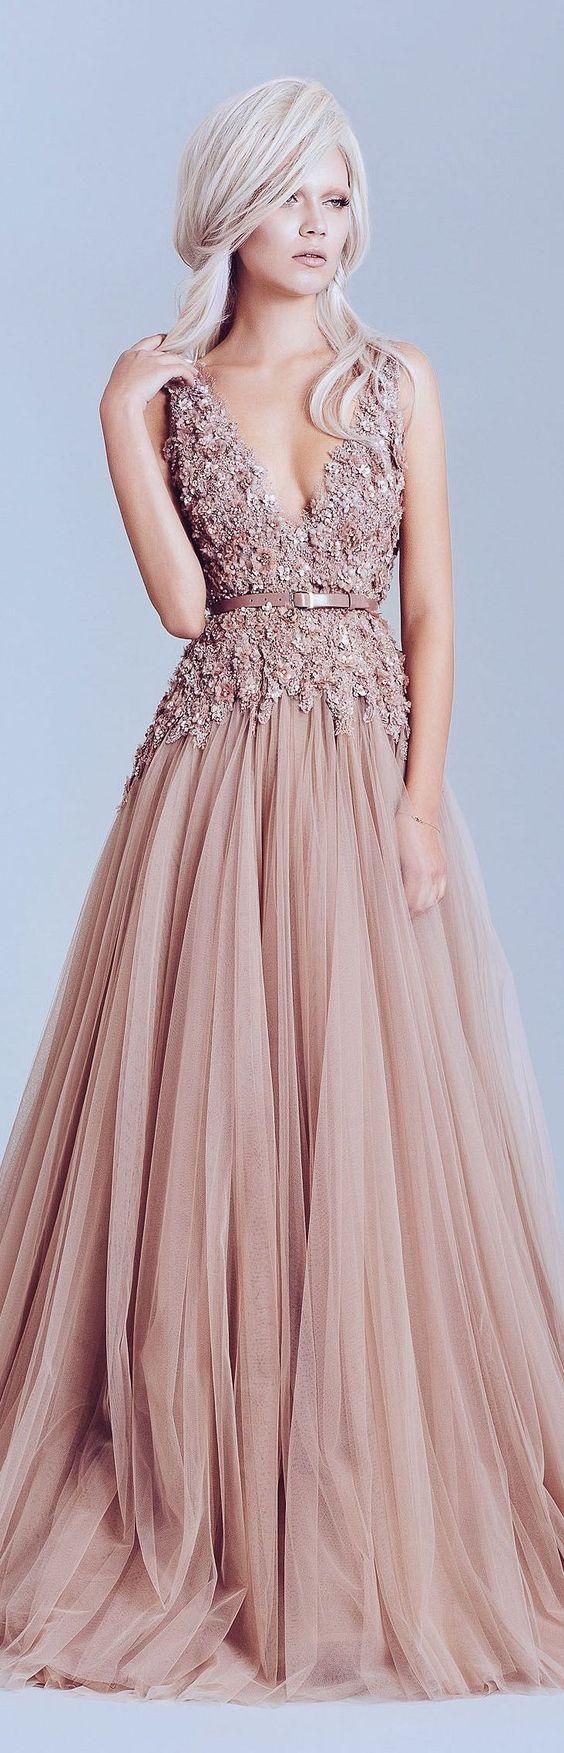 Alfazairy Couture S/S 2015 - Ongelooflik mooi!!!!!! nee nee nee soek dit!!!! looooove die kleur